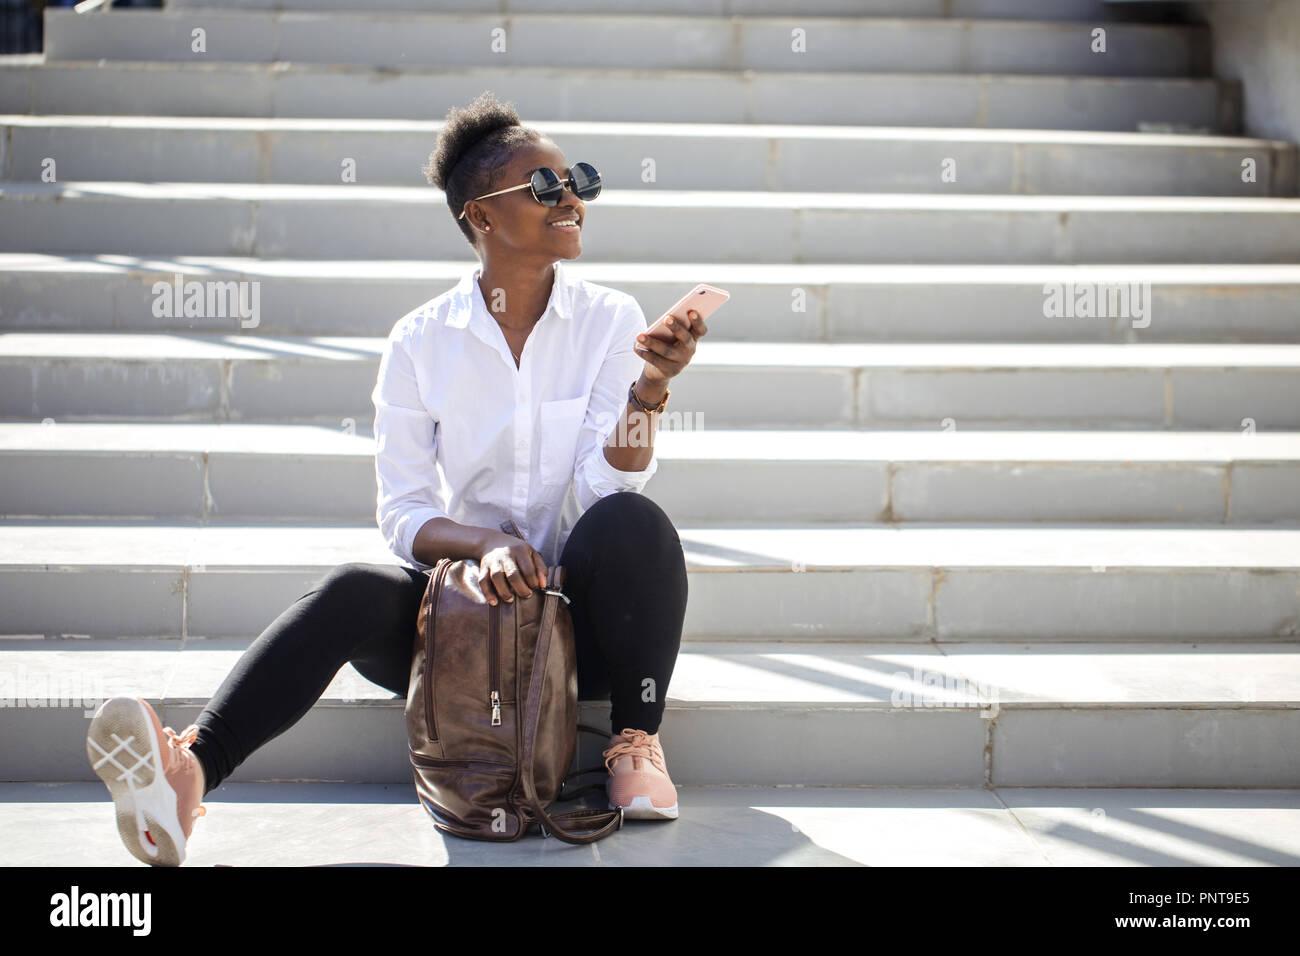 Femme africaine à l'aide de smart phone, assis sur un escalier blanc à l'extérieur. Photo Stock